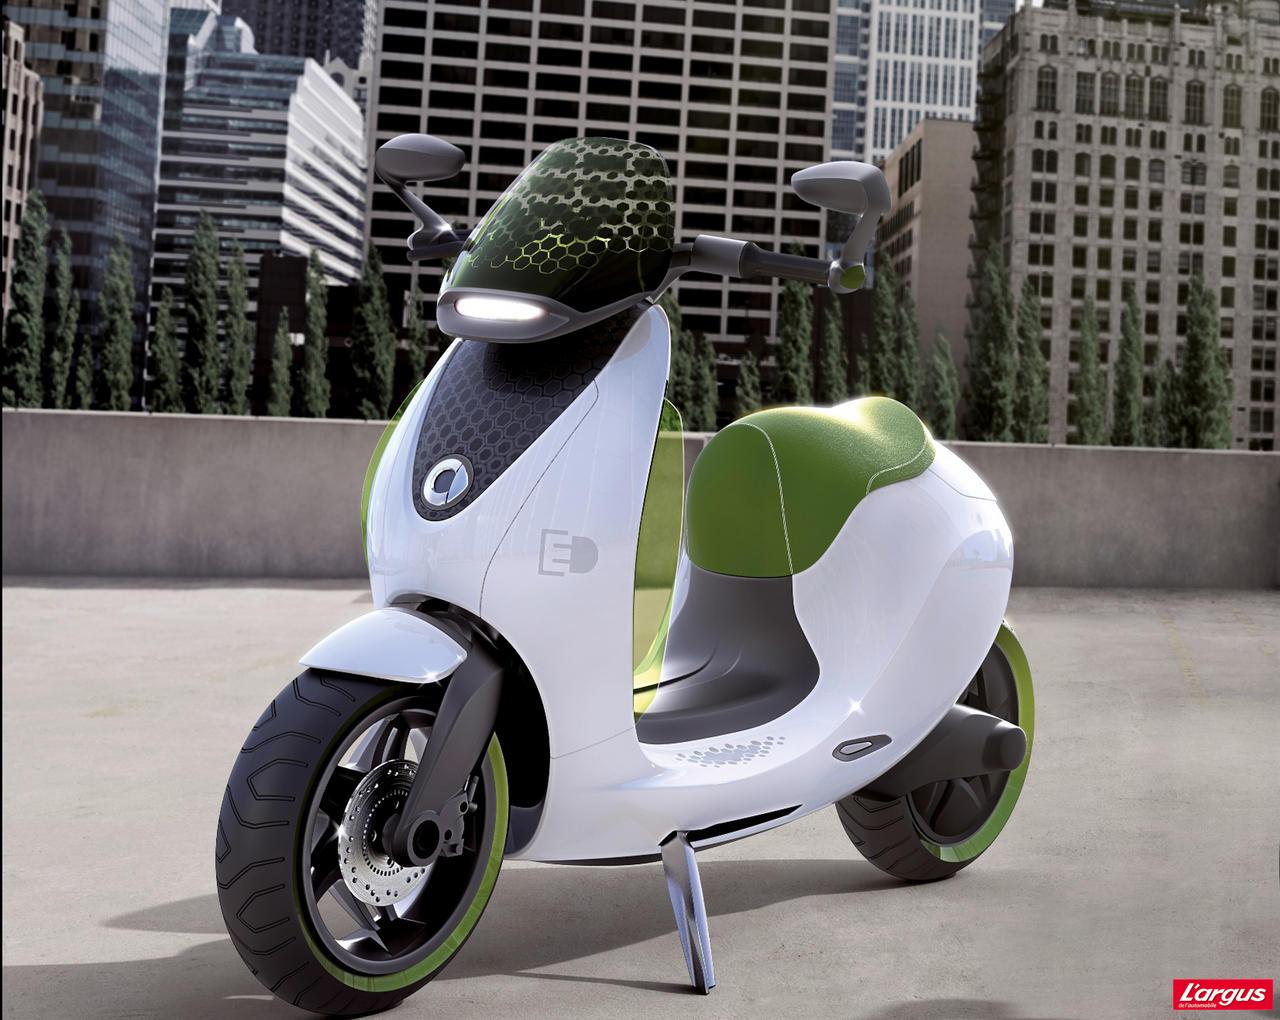 le scooter lectrique smart pour 2014 photo 2 l 39 argus. Black Bedroom Furniture Sets. Home Design Ideas